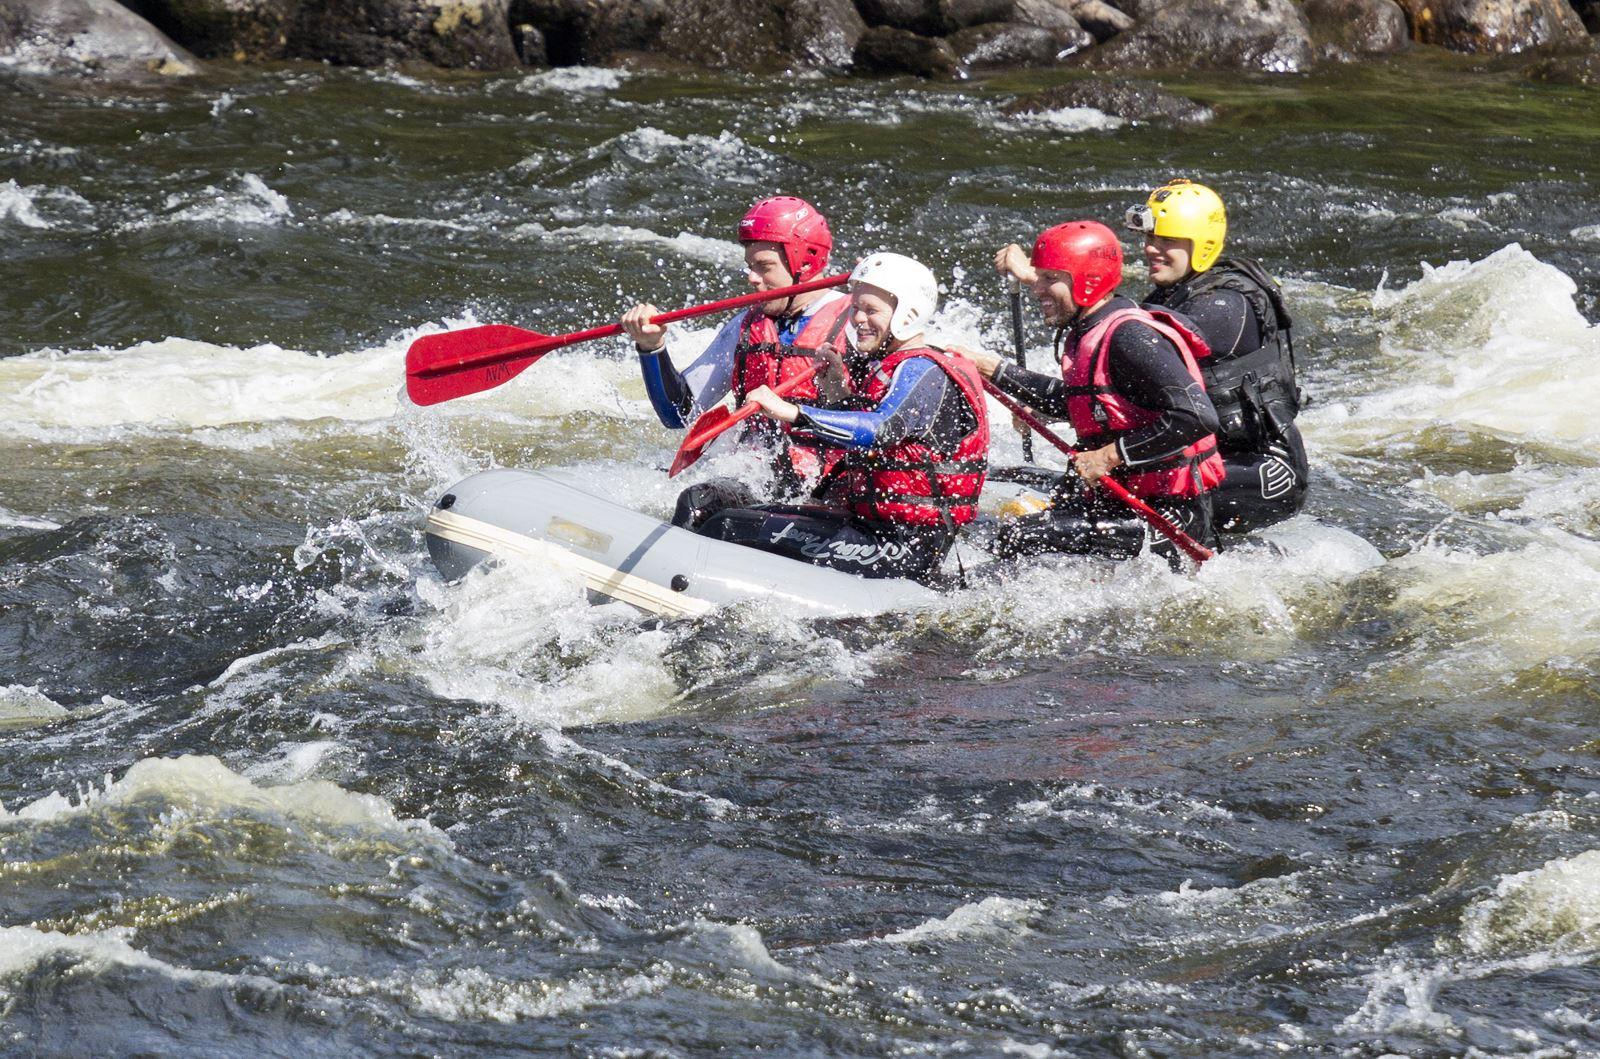 Zwei wilde Rafting-Stromschnellen im Fluss Vindelälven